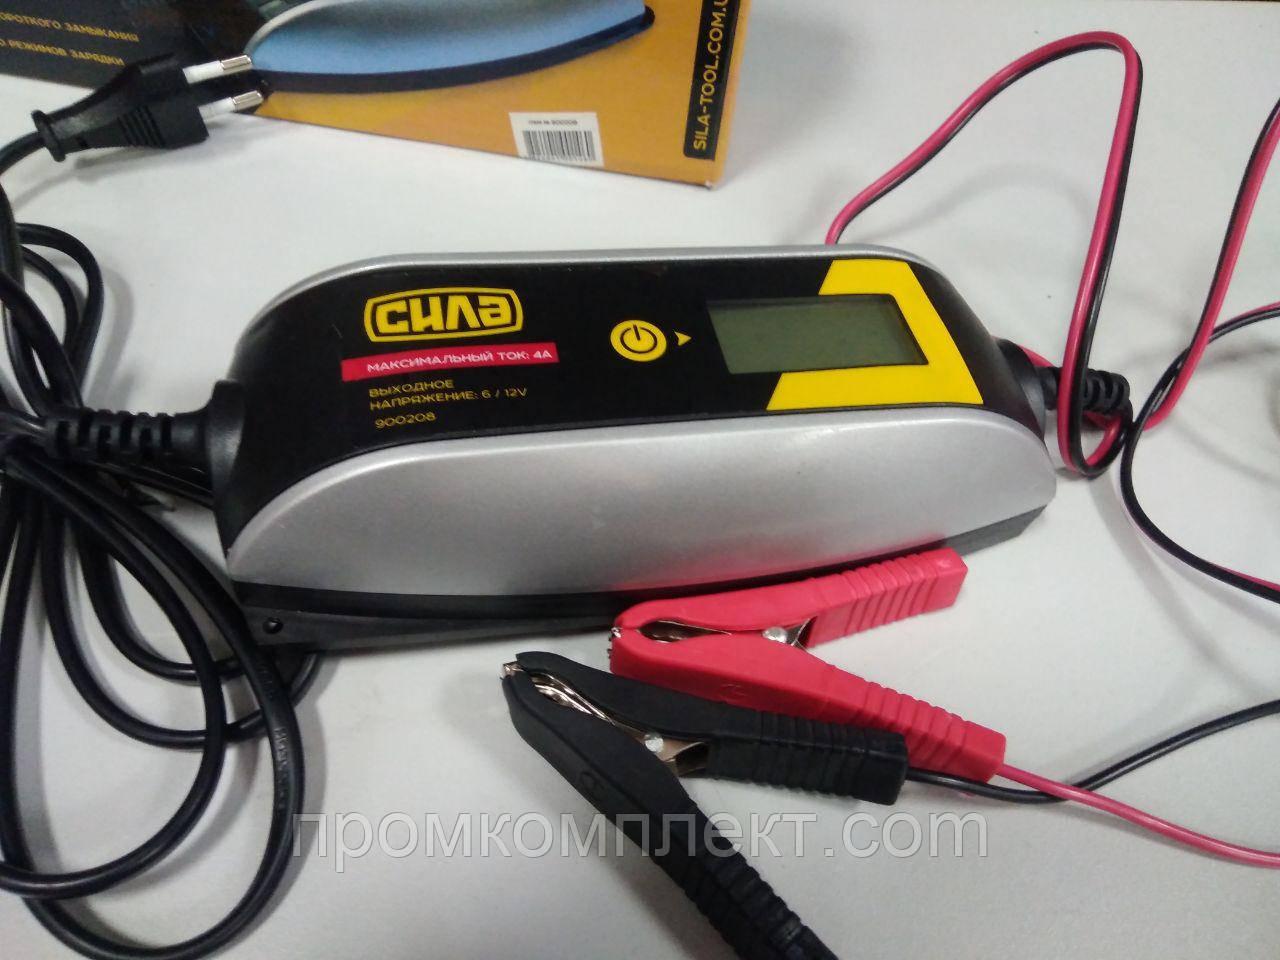 Устройство зарядное 4А 6/12В до 120Ah цифровое импульсное СИЛА